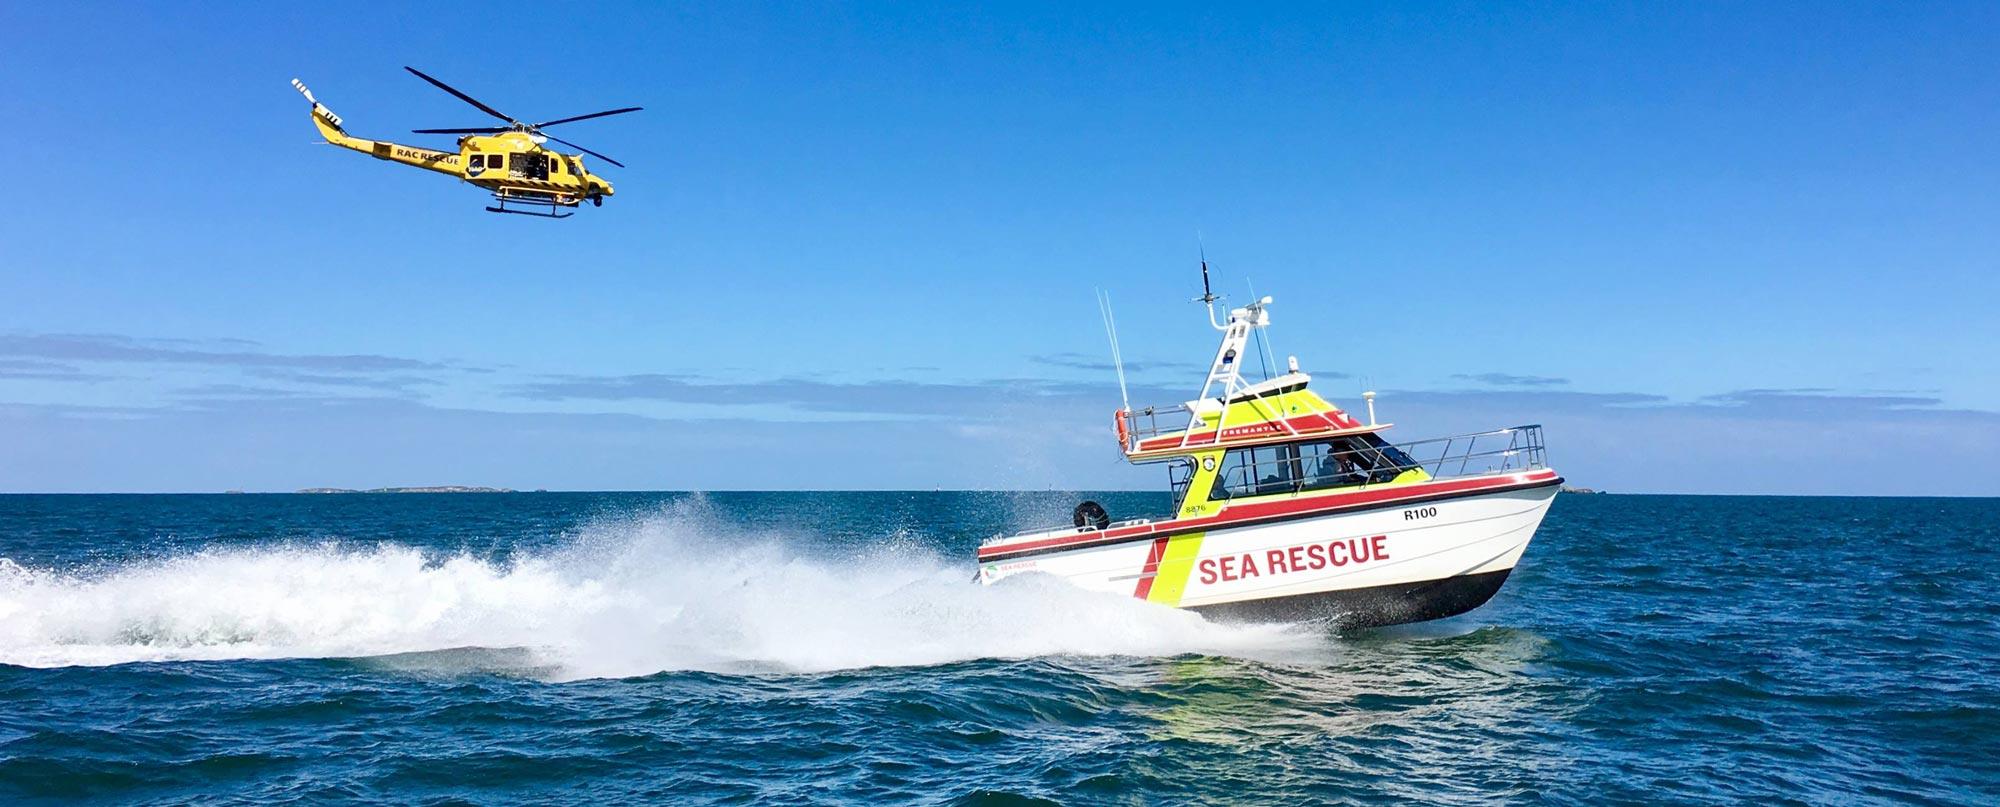 sea-rescue-small-1